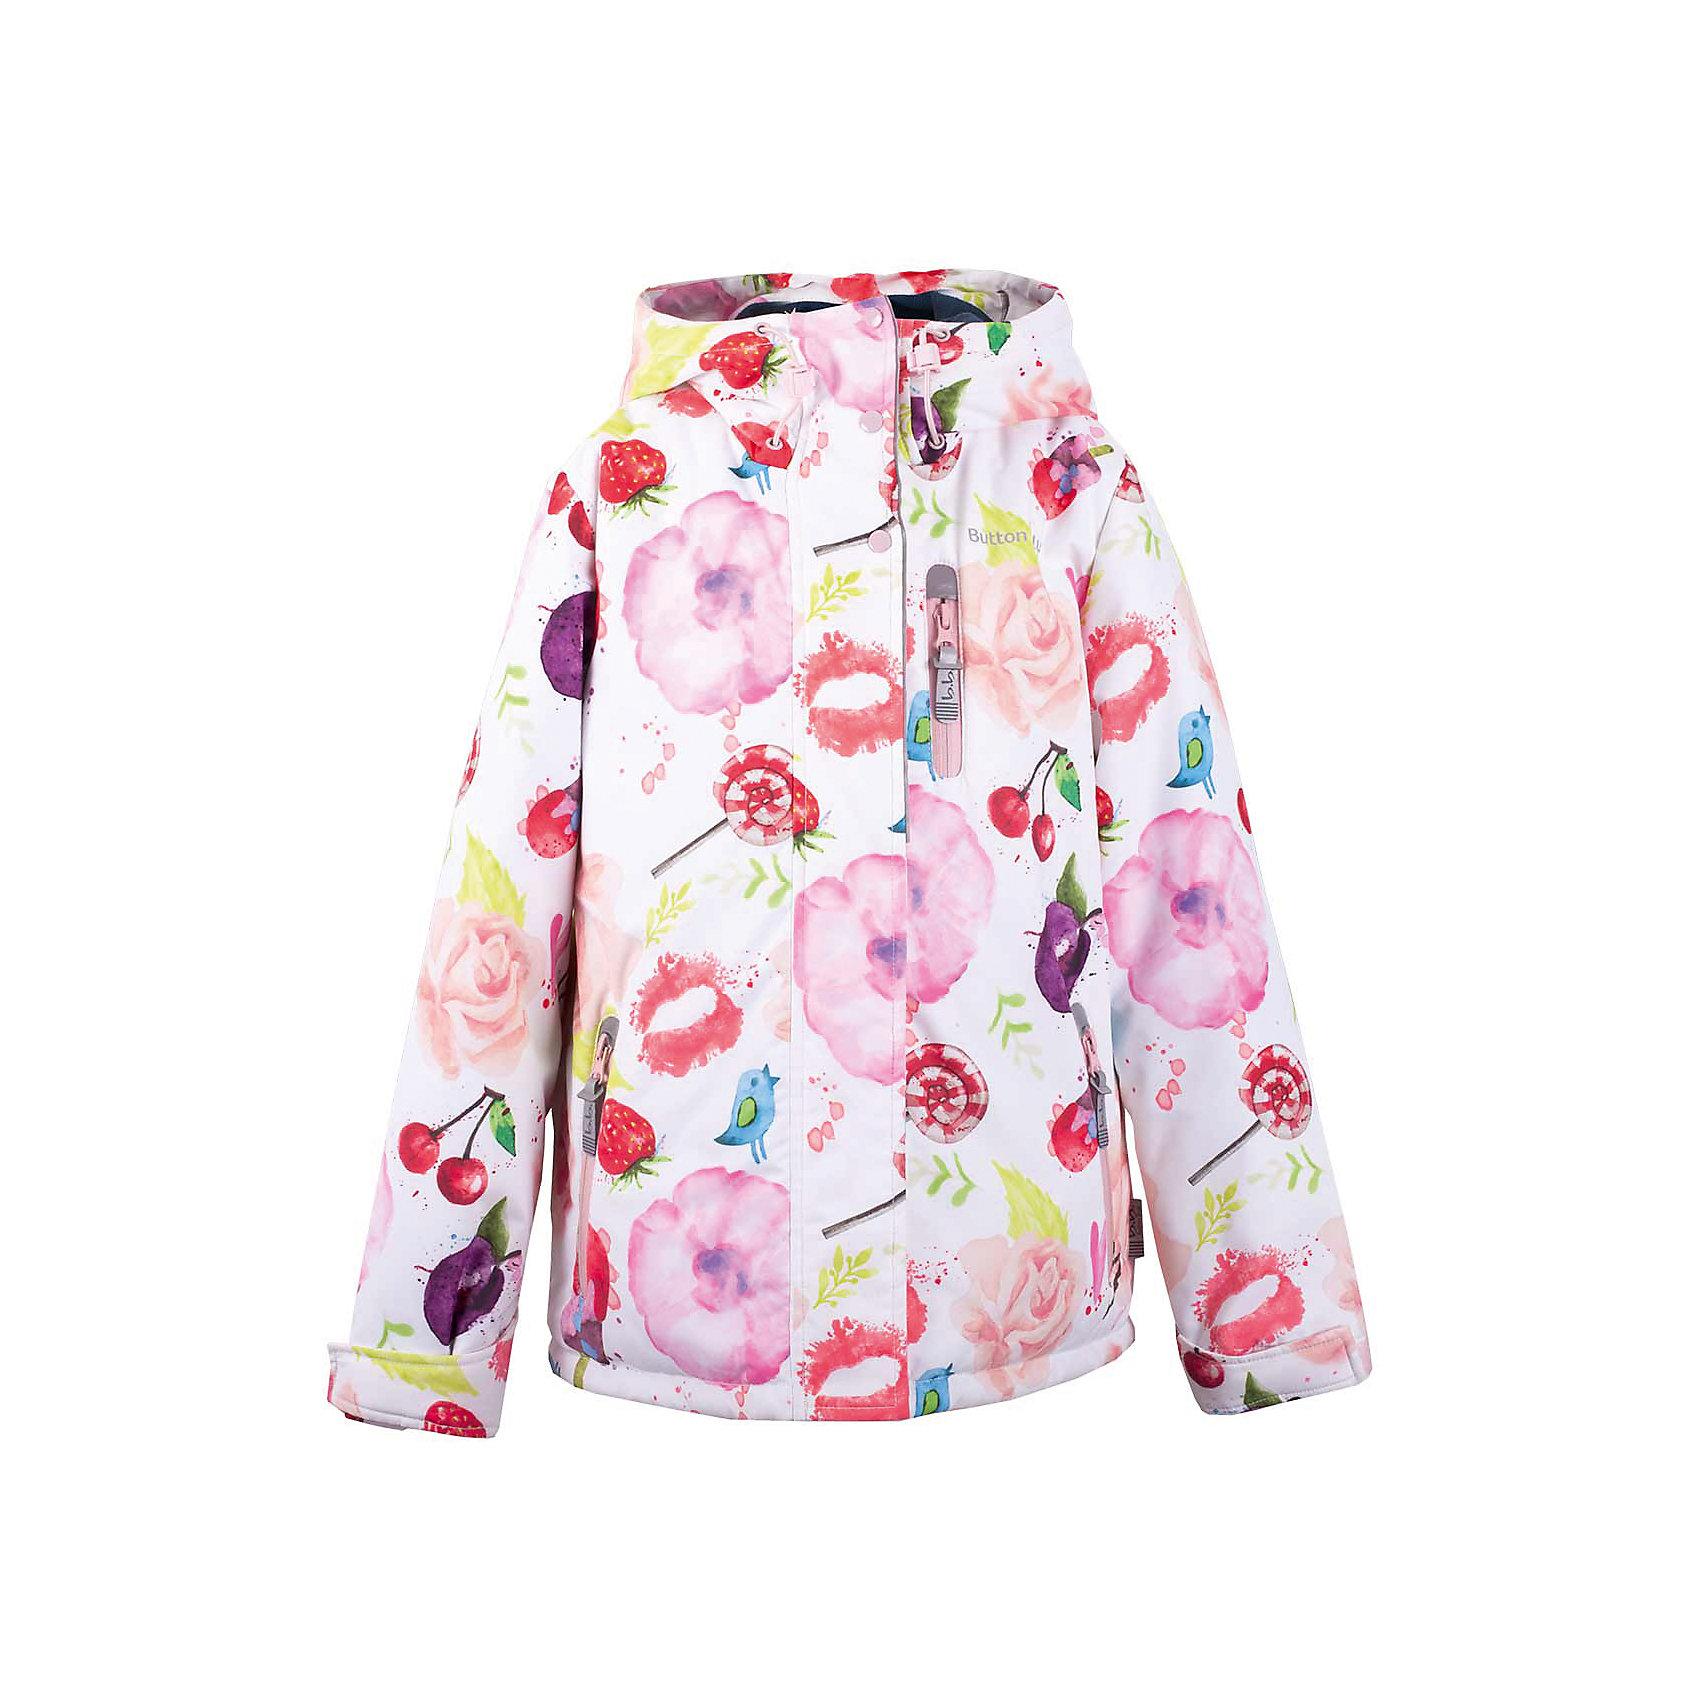 Куртка  для девочки  BUTTON BLUEВерхняя одежда<br>Куртка  для девочки  BUTTON BLUE<br>Отличная куртка на синтепоне для девочки понравится всем, кто любит активный отдых. Куртка  сделана с соблюдением технологических особенностей производства спортивной одежды. Она не промокает, специальная подкладка создает комфорт при длительной носке, светоотражающие элементы способствуют безопасности ребенка. Оригинальная водоотталкивающая ткань с эффектным   рисунком, а также цветная подкладка и фурнитура делают куртку яркой. Если вы хотите купить отличную детскую куртку недорого, не сомневаясь в ее качестве и комфорте, куртка от Button Blue - то, что нужно!<br>Состав:<br>Ткань  верха: 100% полиэстер, подклад: 100% полиэстер, утепл.: 100% полиэстер<br><br>Ширина мм: 356<br>Глубина мм: 10<br>Высота мм: 245<br>Вес г: 519<br>Цвет: молочный<br>Возраст от месяцев: 144<br>Возраст до месяцев: 156<br>Пол: Женский<br>Возраст: Детский<br>Размер: 158,98,104,110,116,122,128,134,140,146,152<br>SKU: 5524825